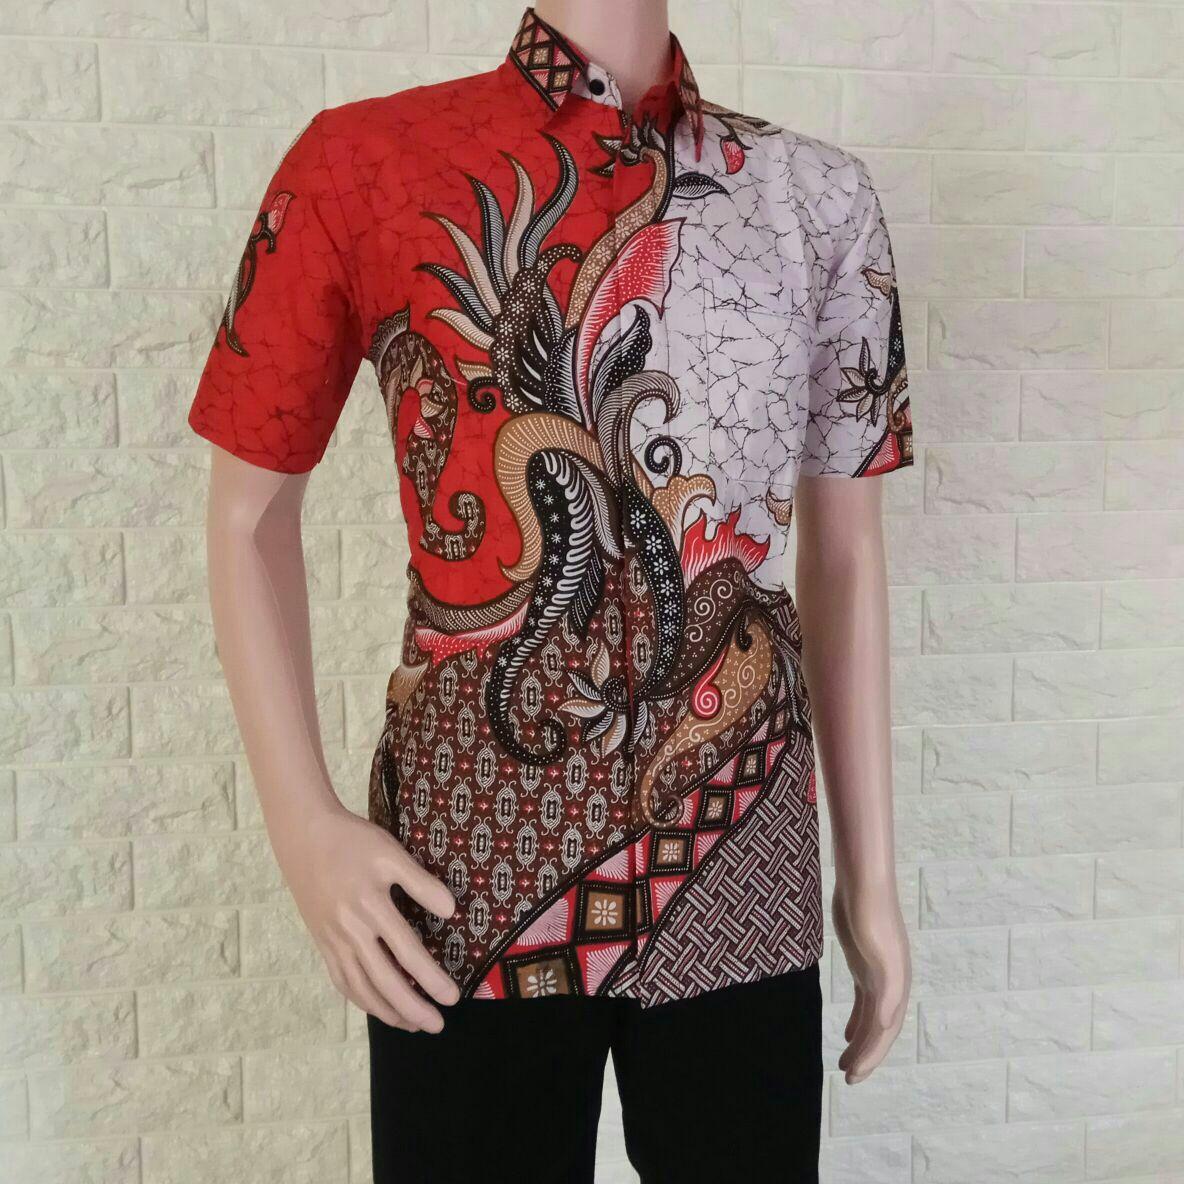 Cek Harga Baru Kemeja Batik Pria Modern Kombinasi Model Baju Batik